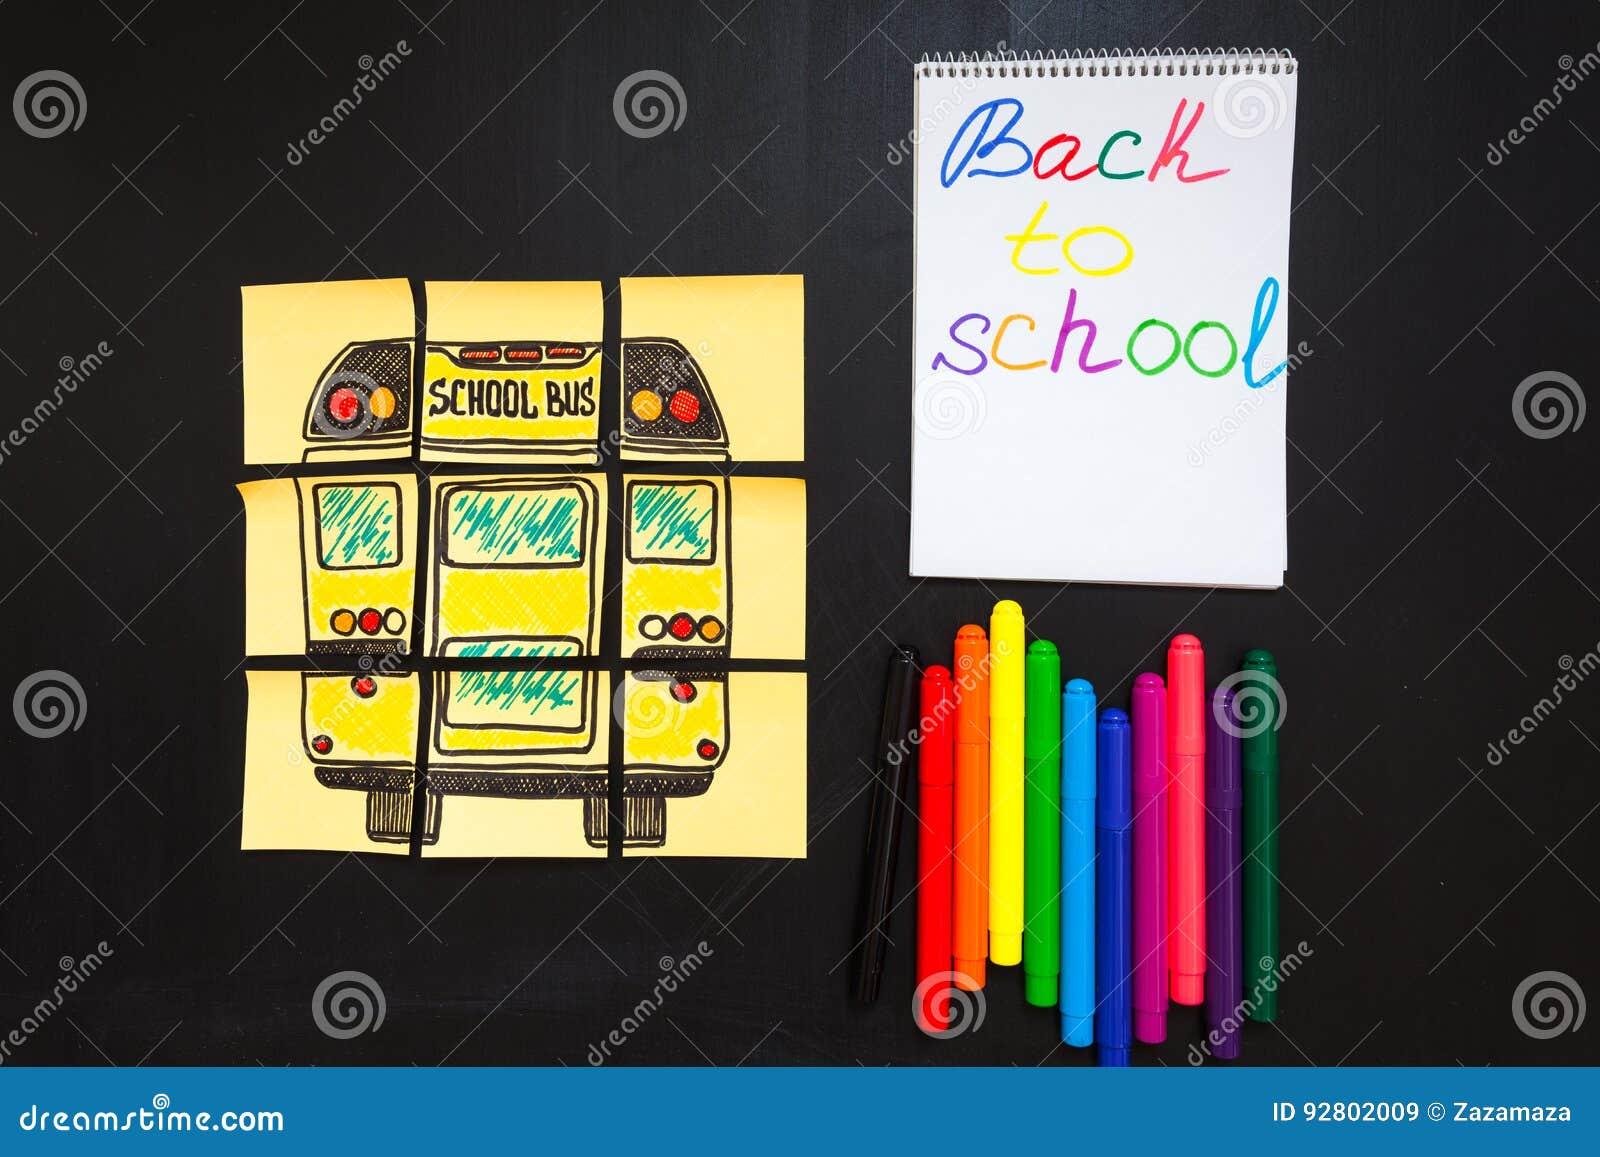 Terug naar schoolachtergrond met titel ` terug naar school ` en `-schoolbus ` op de gele stukken van document, notitieboekje met